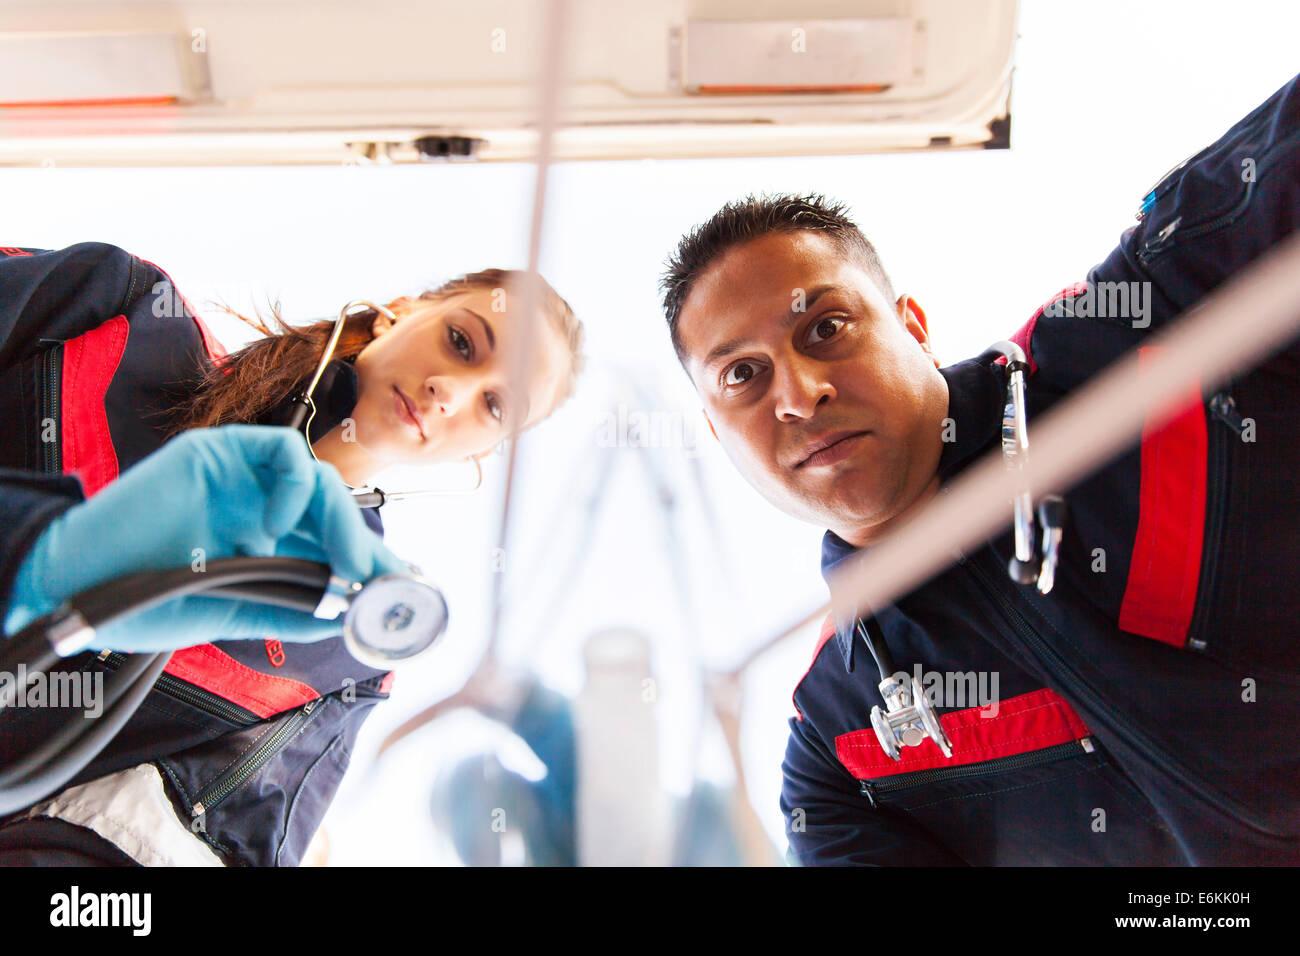 Vue de l'équipe paramédicale sous l'administration des premiers soins au patient Photo Stock